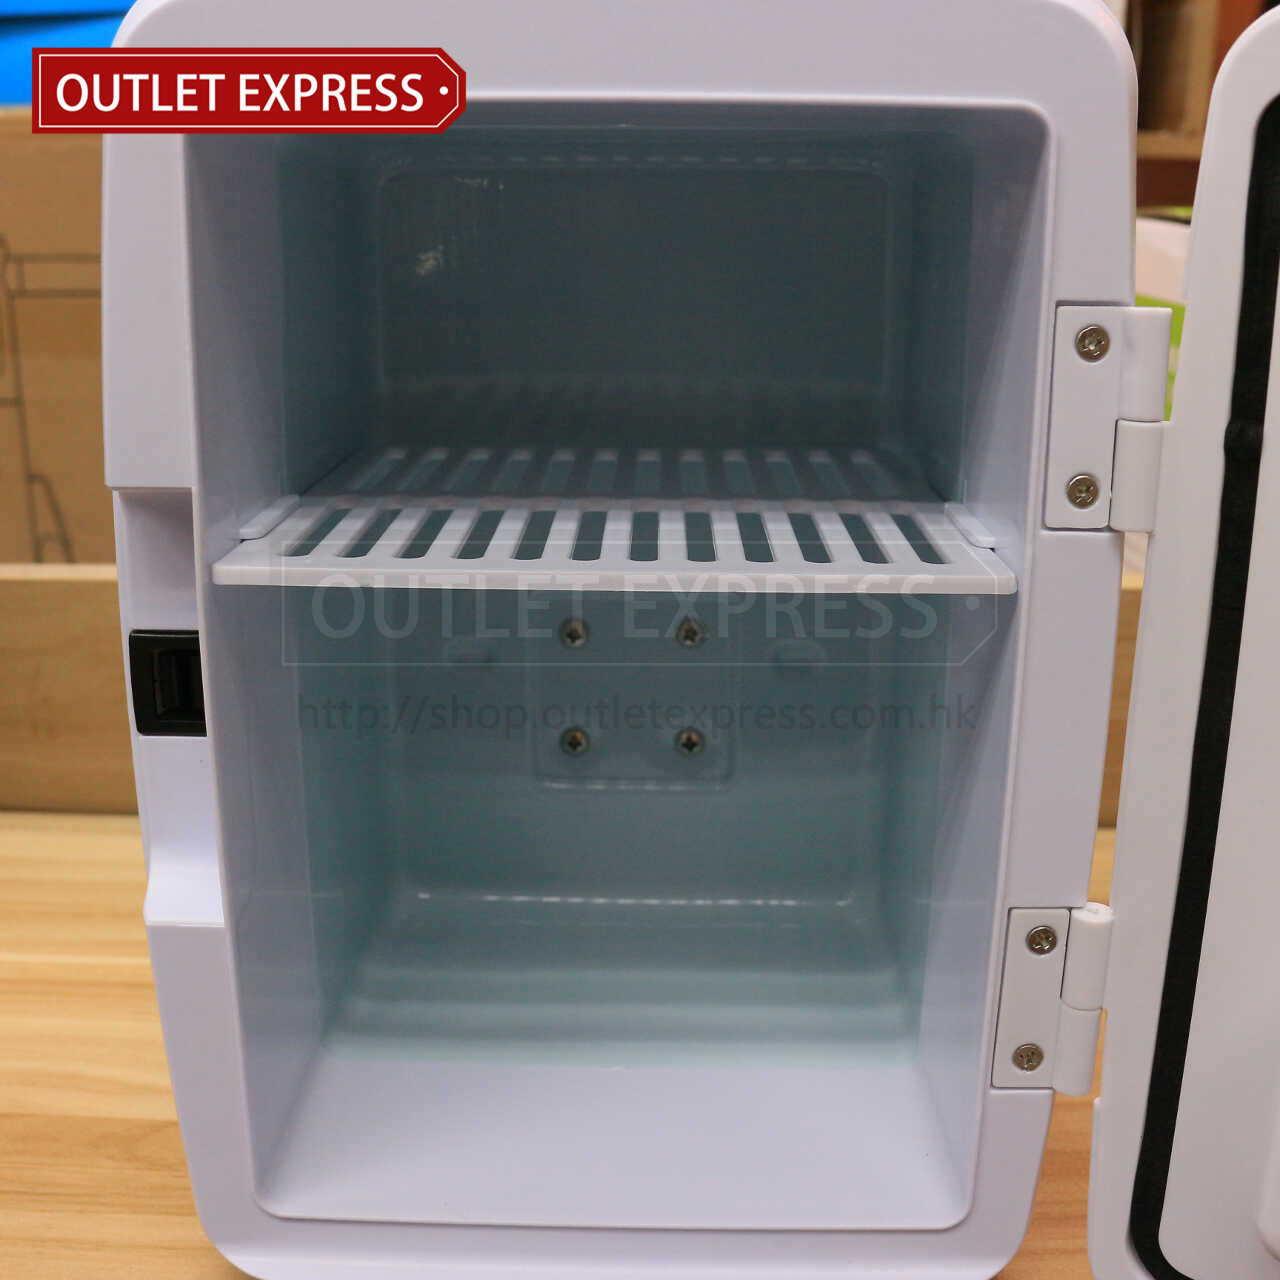 4L 冷暖兩用迷你小雪櫃 | 可車載或家用 內部- Outlet Express HK生活百貨城實拍相片